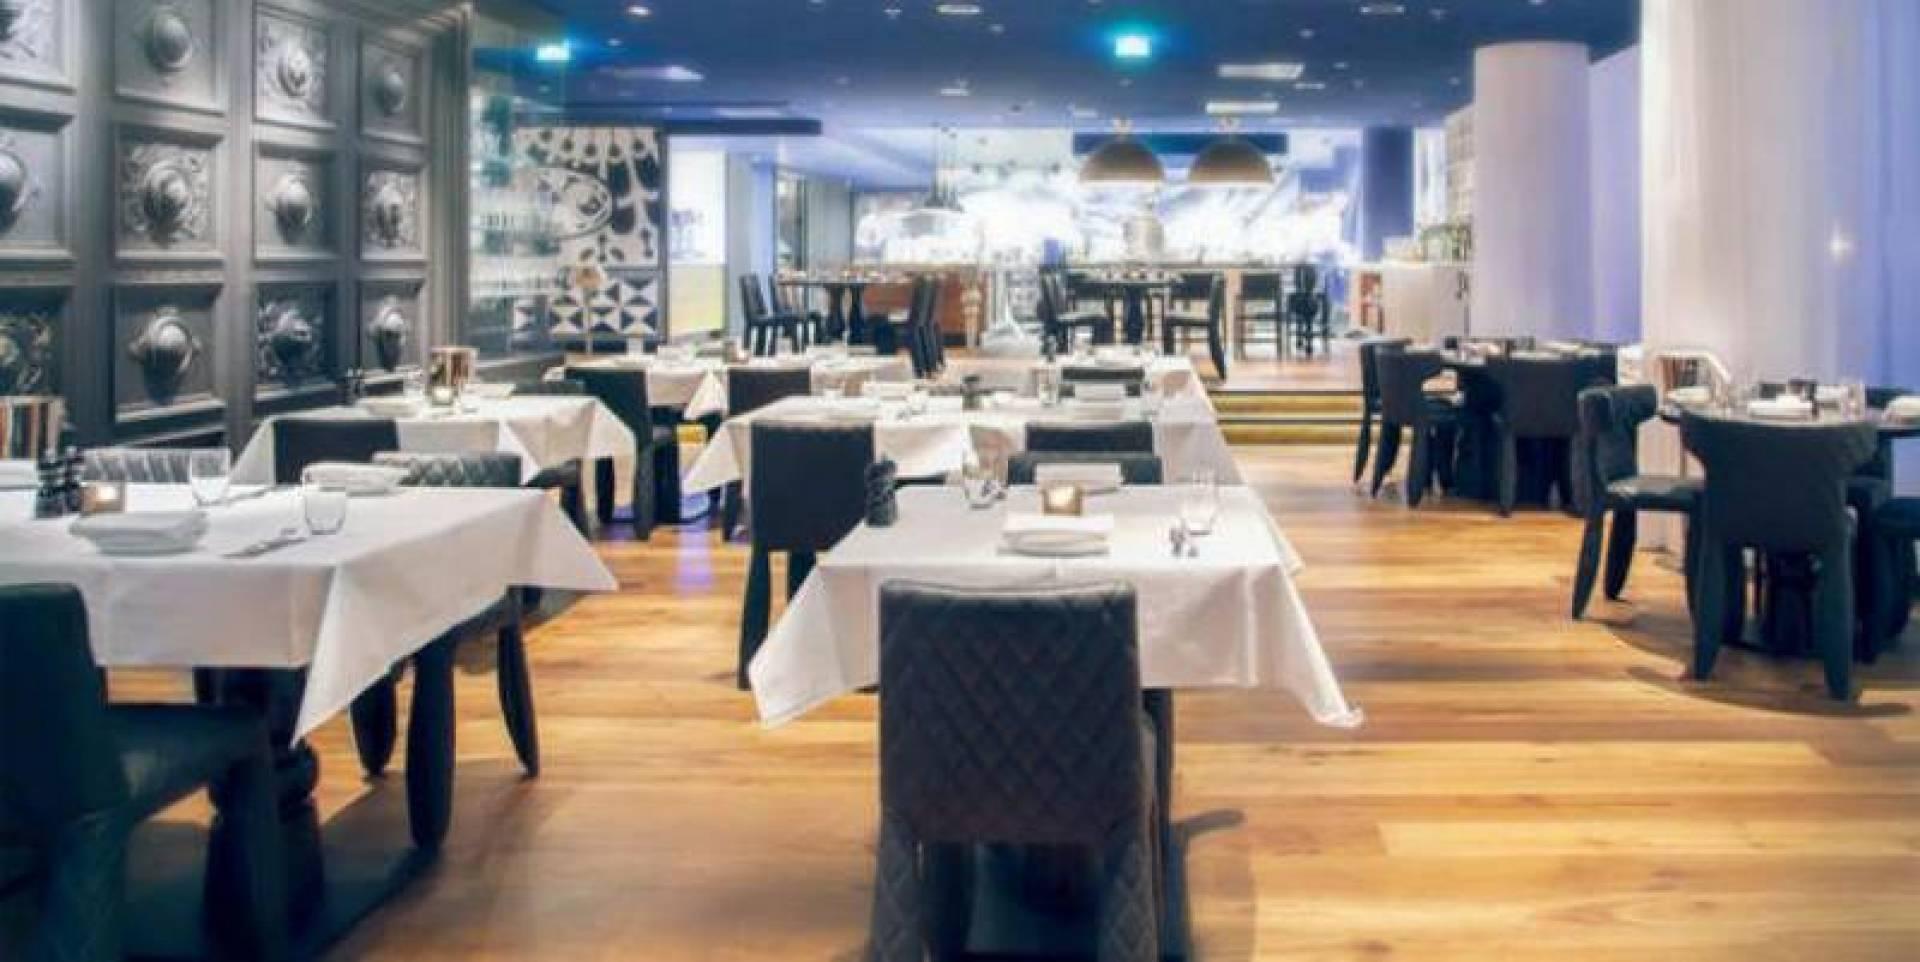 المطاعم..الناجي الأوحد بعد «كورونا»!